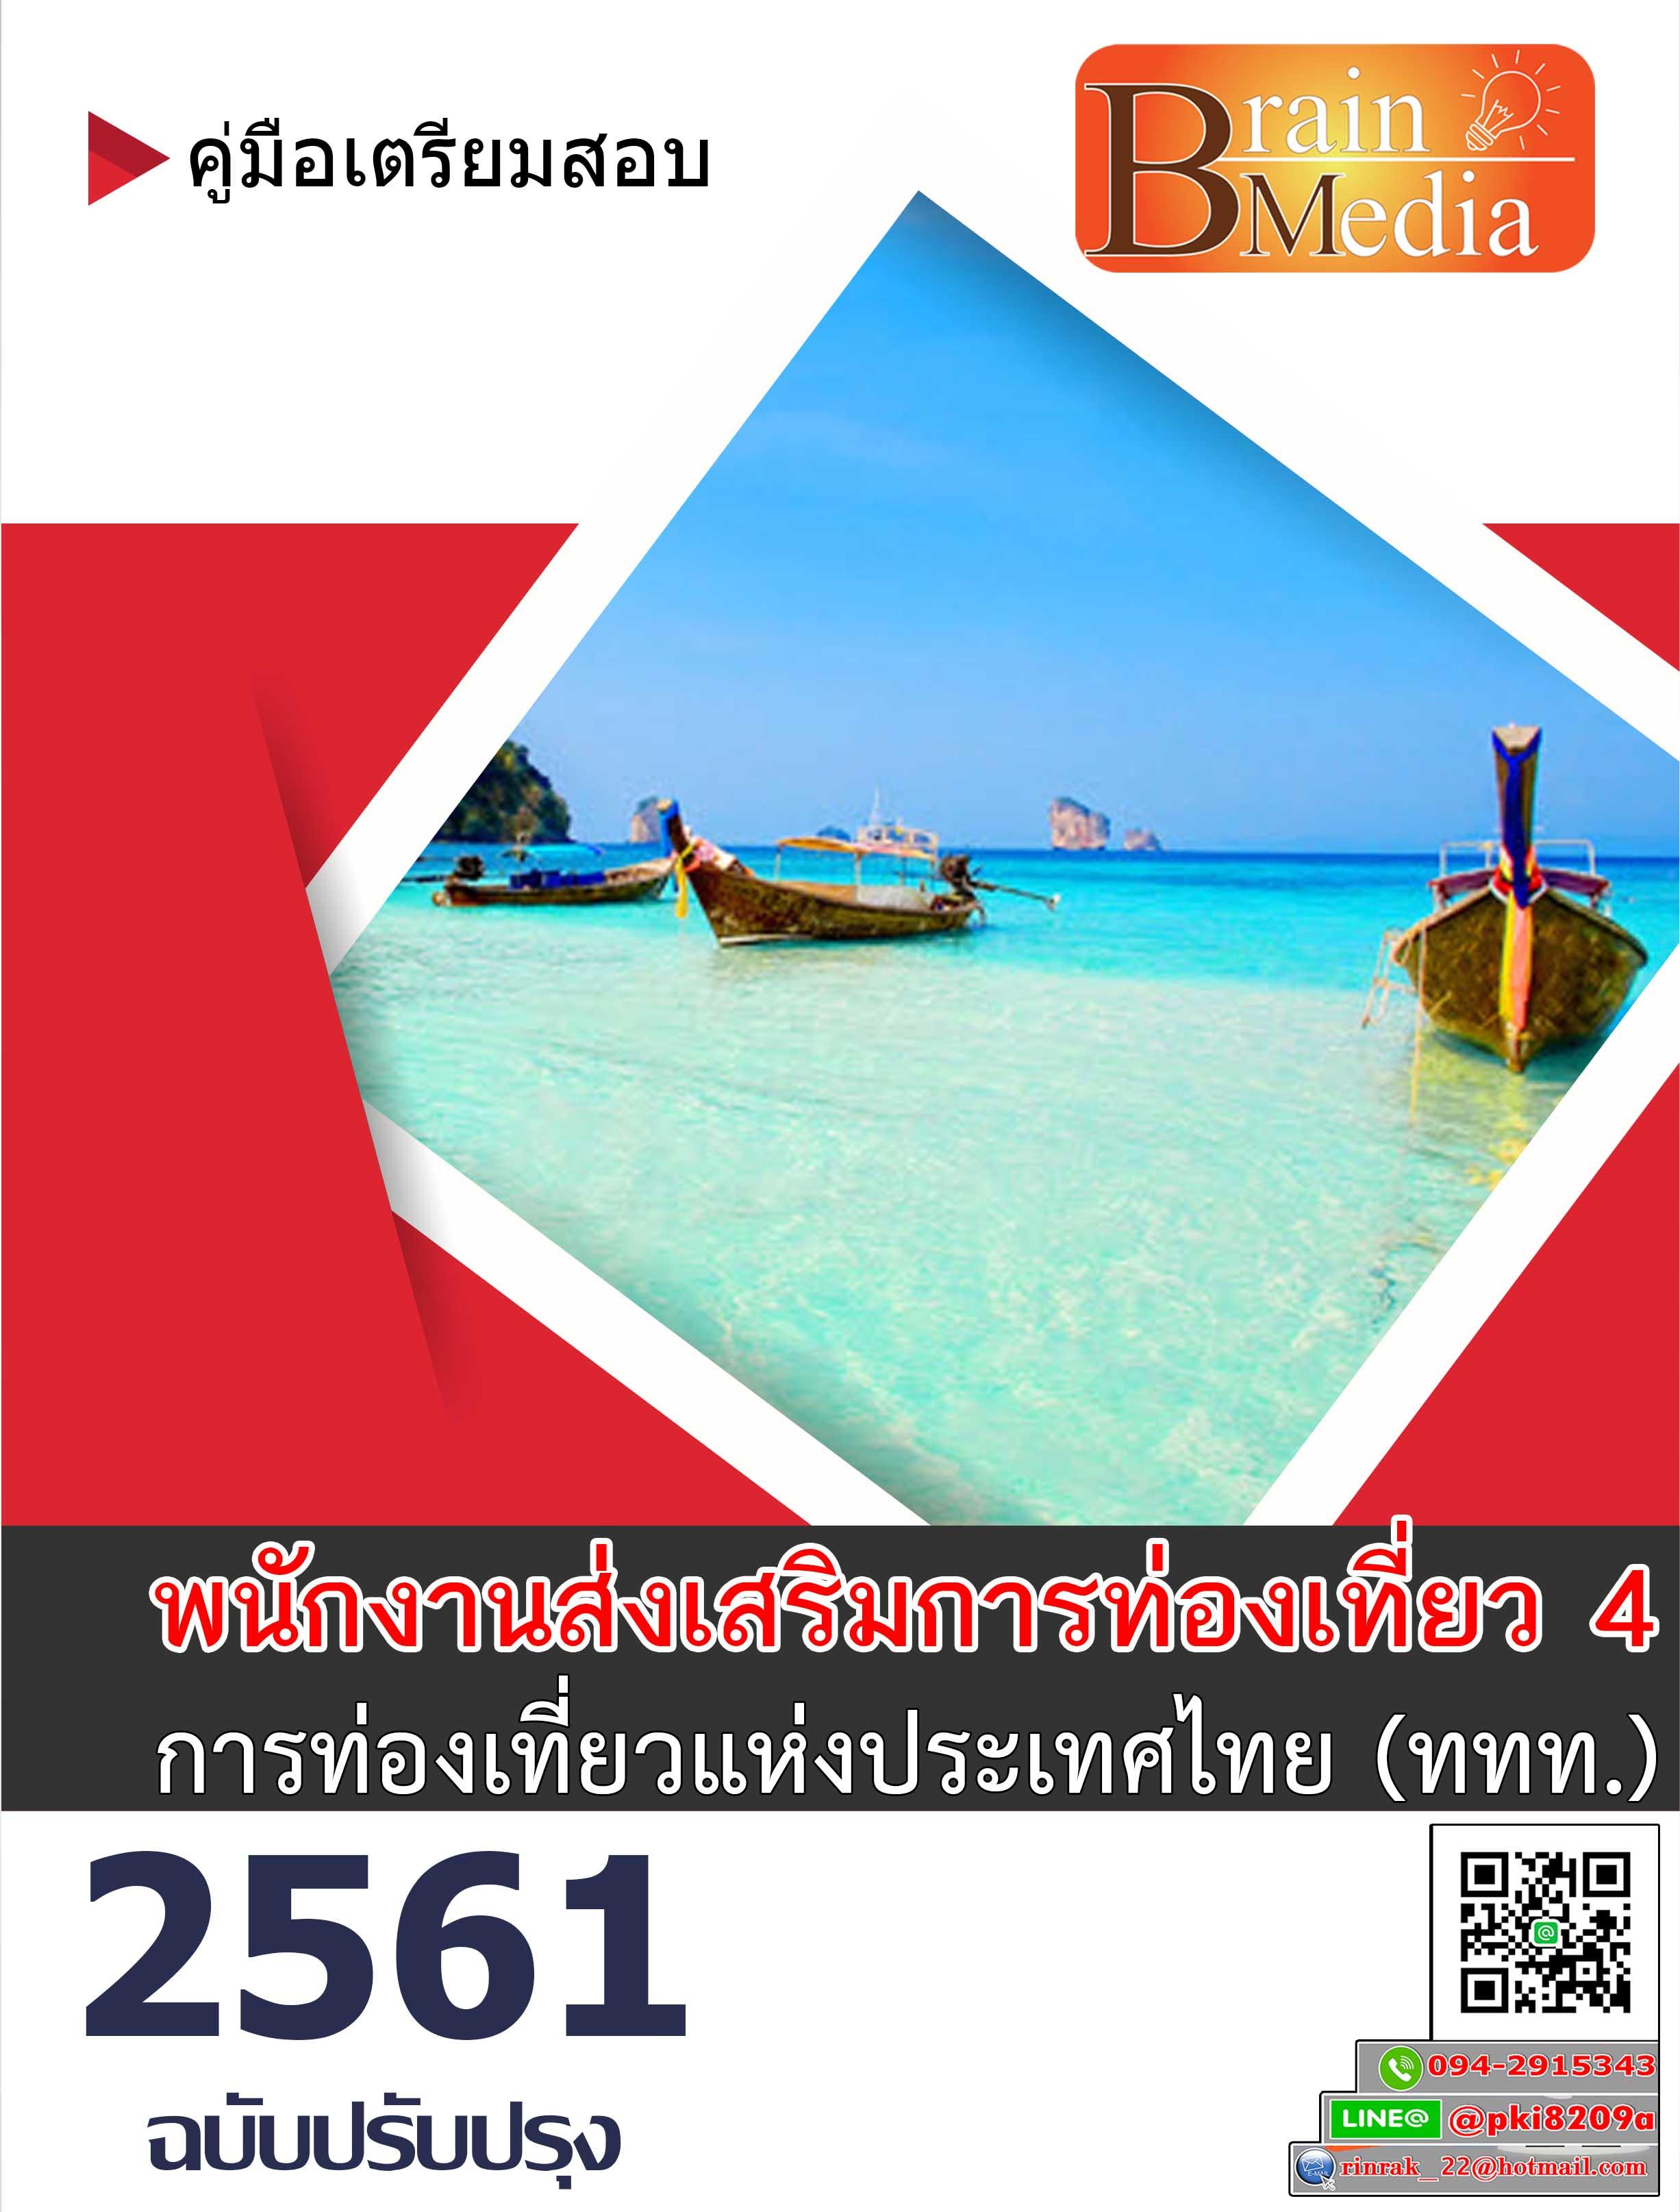 แนวข้อสอบ พนักงานส่งเสริมการท่องเที่ยว 4 การท่องเที่ยวแห่งประเทศไทย (ททท.)